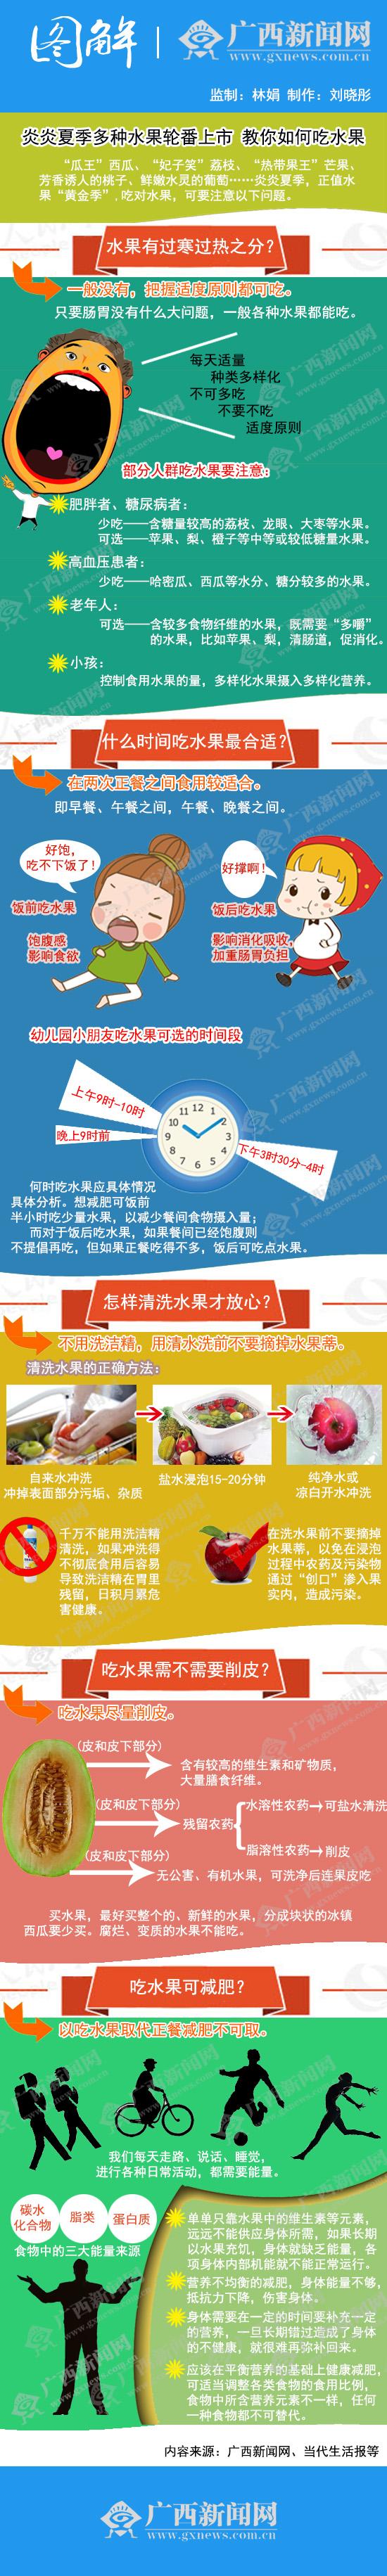 [图解]炎炎夏季多种水果轮番上市 如何正确吃水果